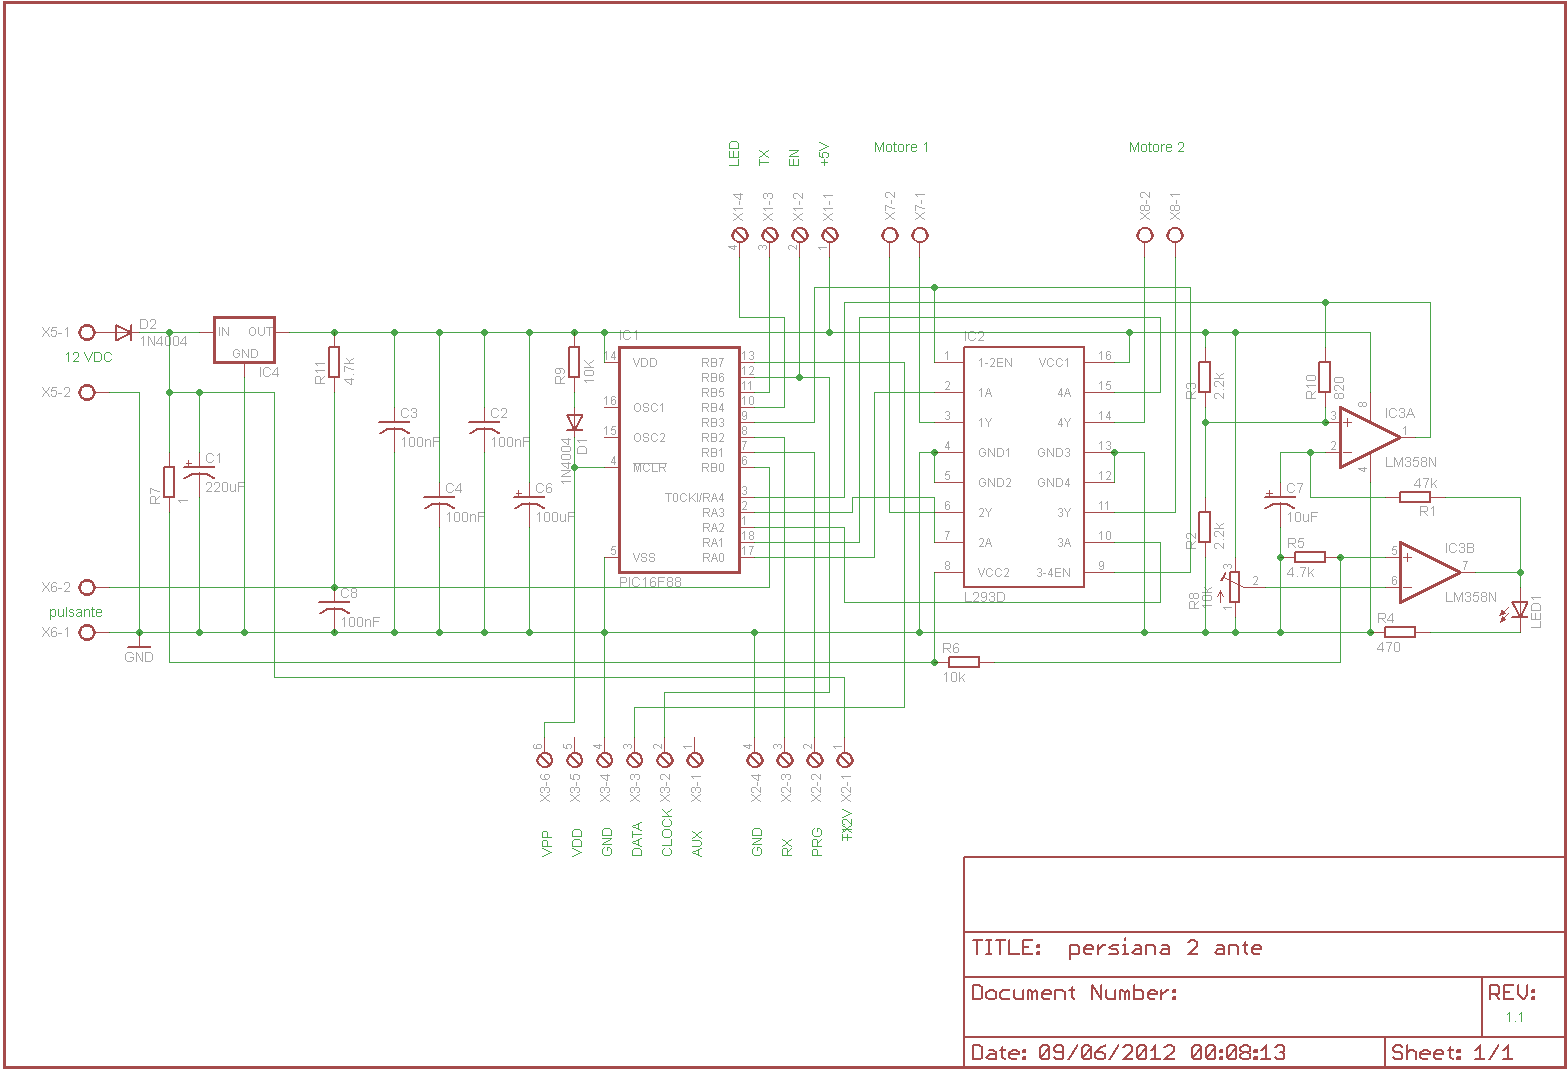 Schema Elettrico Per Finecorsa Motoriduttore : User project centralina per apertura automatizzata